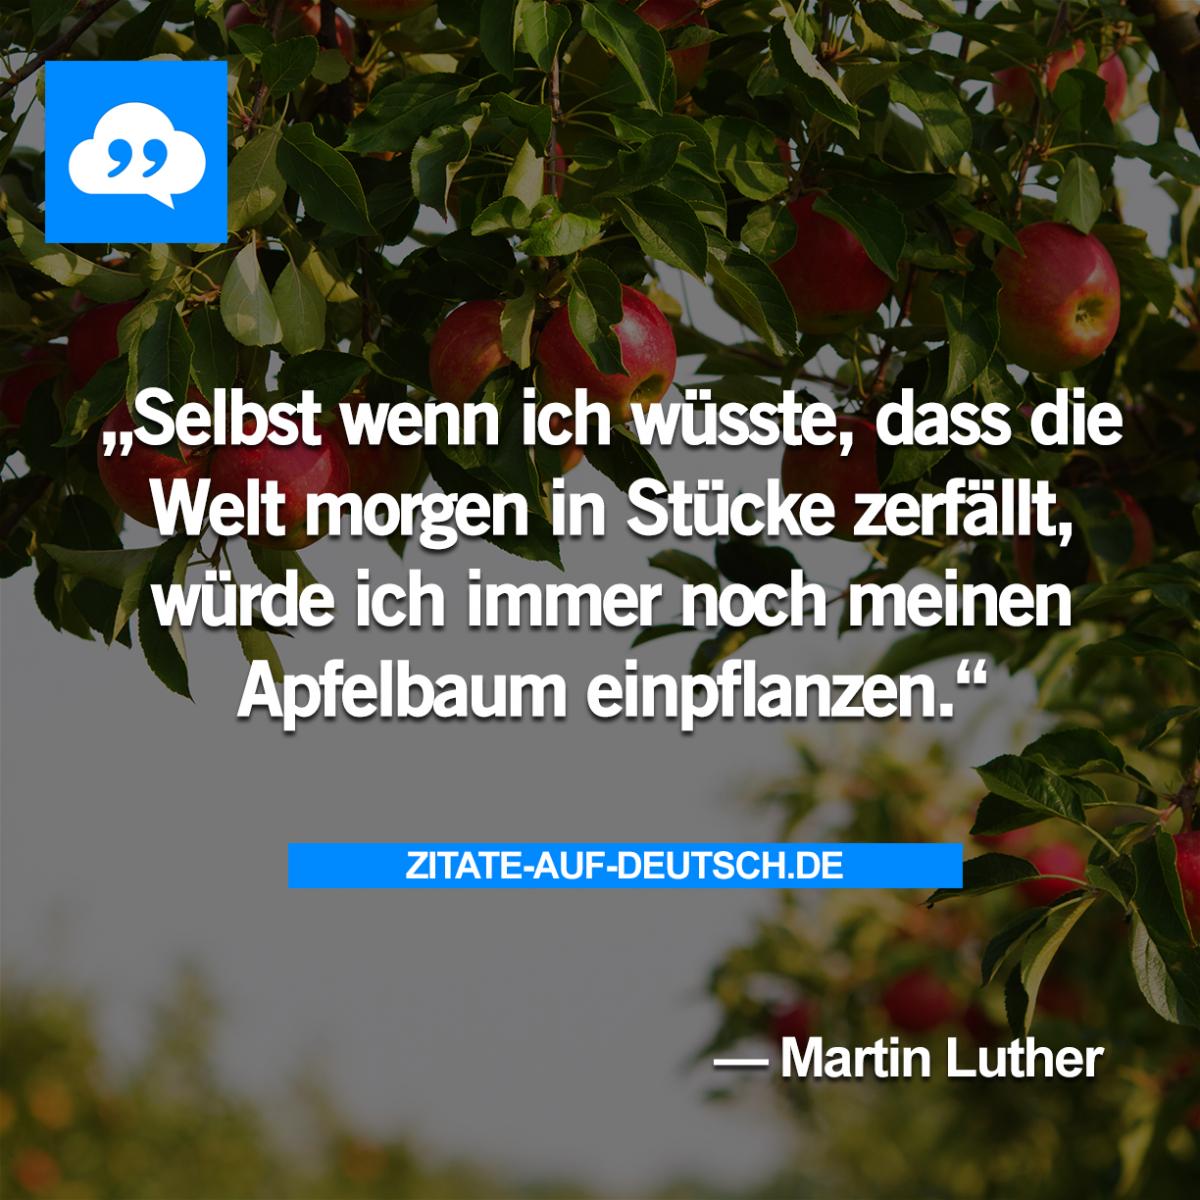 Apfelbaum Hoffnung Spruch Spruche Welt Zitat Zitate Martinluther Zitate Spruche Schone Zitate